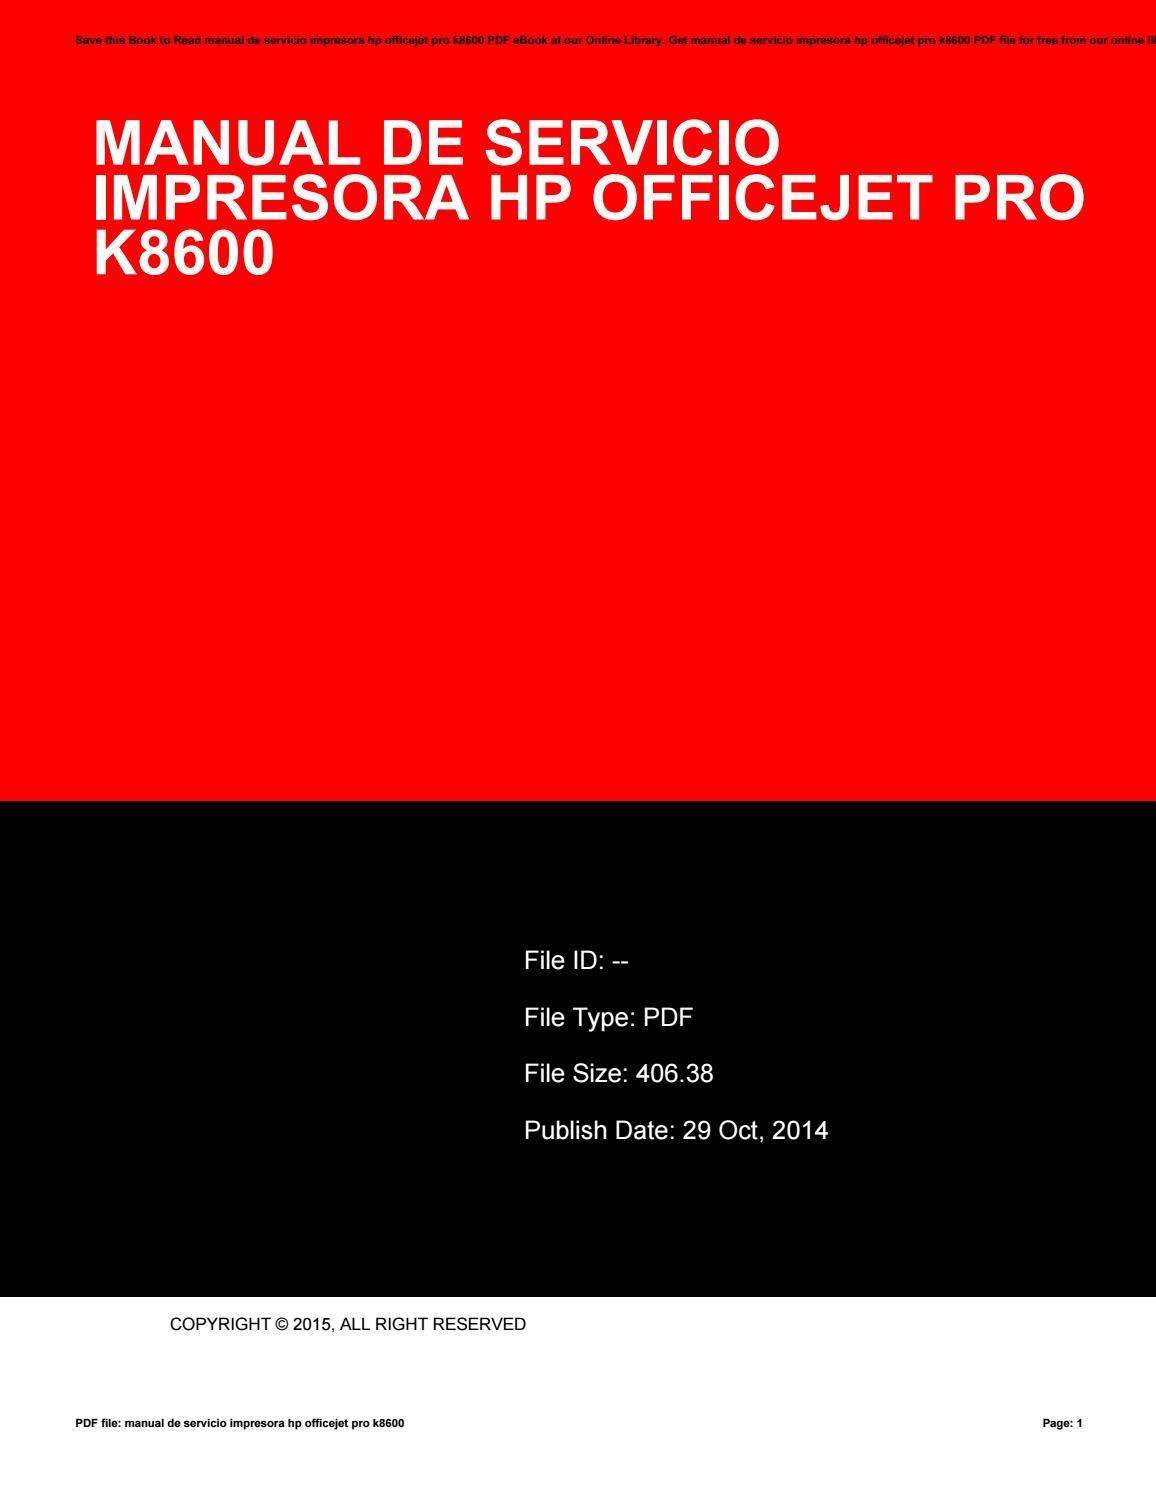 Manual de servicio impresora hp officejet pro k8600 by siola78gukisa - issuu